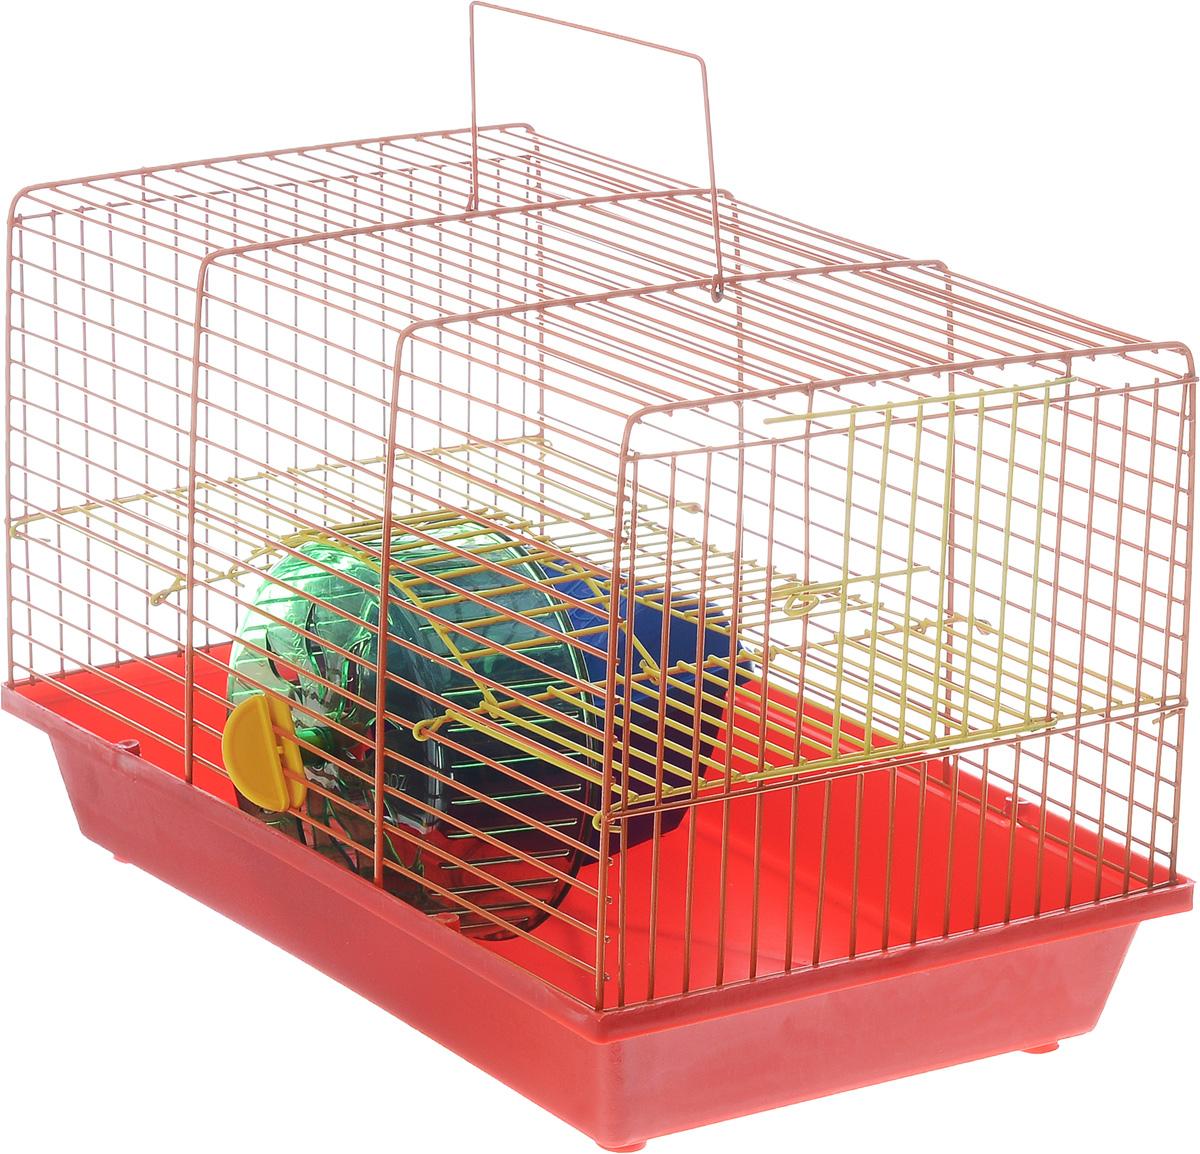 Клетка для грызунов Зоомарк Венеция, 2-этажная, цвет: красный поддон, оранжевая решетка, желтый этаж, 36 х 23 х 24 см1542DDКлетка Венеция, выполненная из полипропилена и металла, подходит для мелких грызунов. Изделие двухэтажное, оборудовано колесом для подвижных игр и пластиковым домиком. Клетка имеет яркий поддон, удобна в использовании и легко чистится. Сверху имеется ручка для переноски. Такая клетка станет уединенным личным пространством и уютным домиком для маленького грызуна.